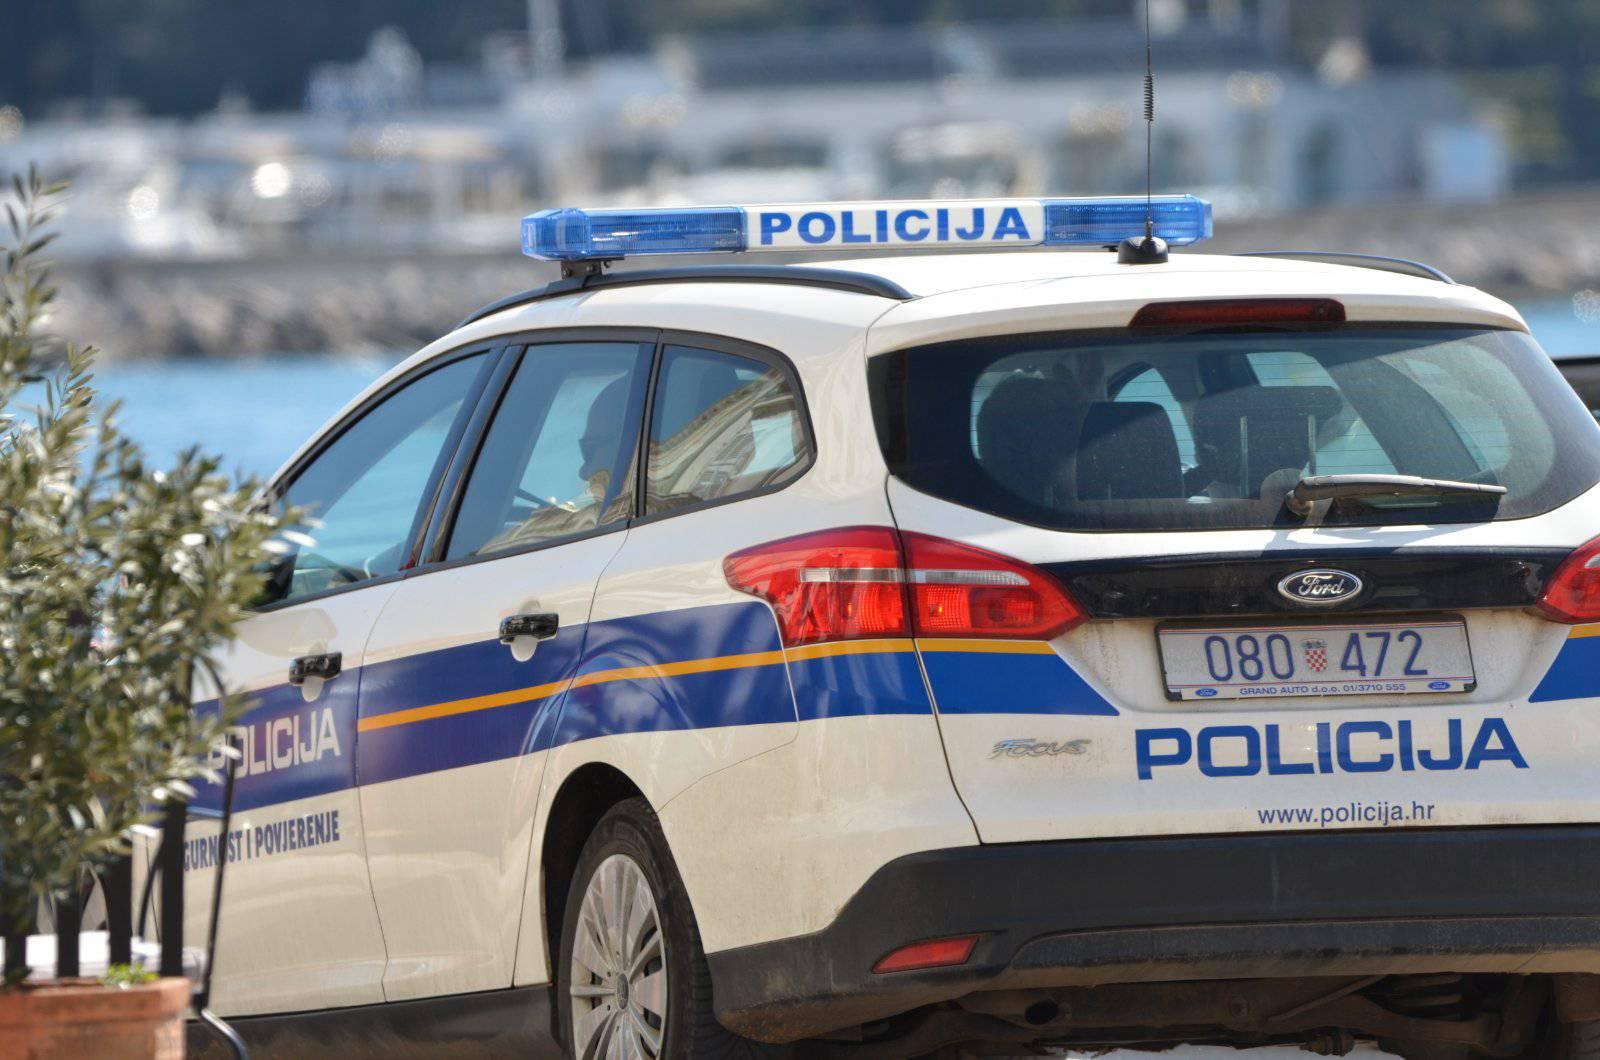 Muškarac (71) urinirao na cesti i pijan vozio, odveli ga u pritvor